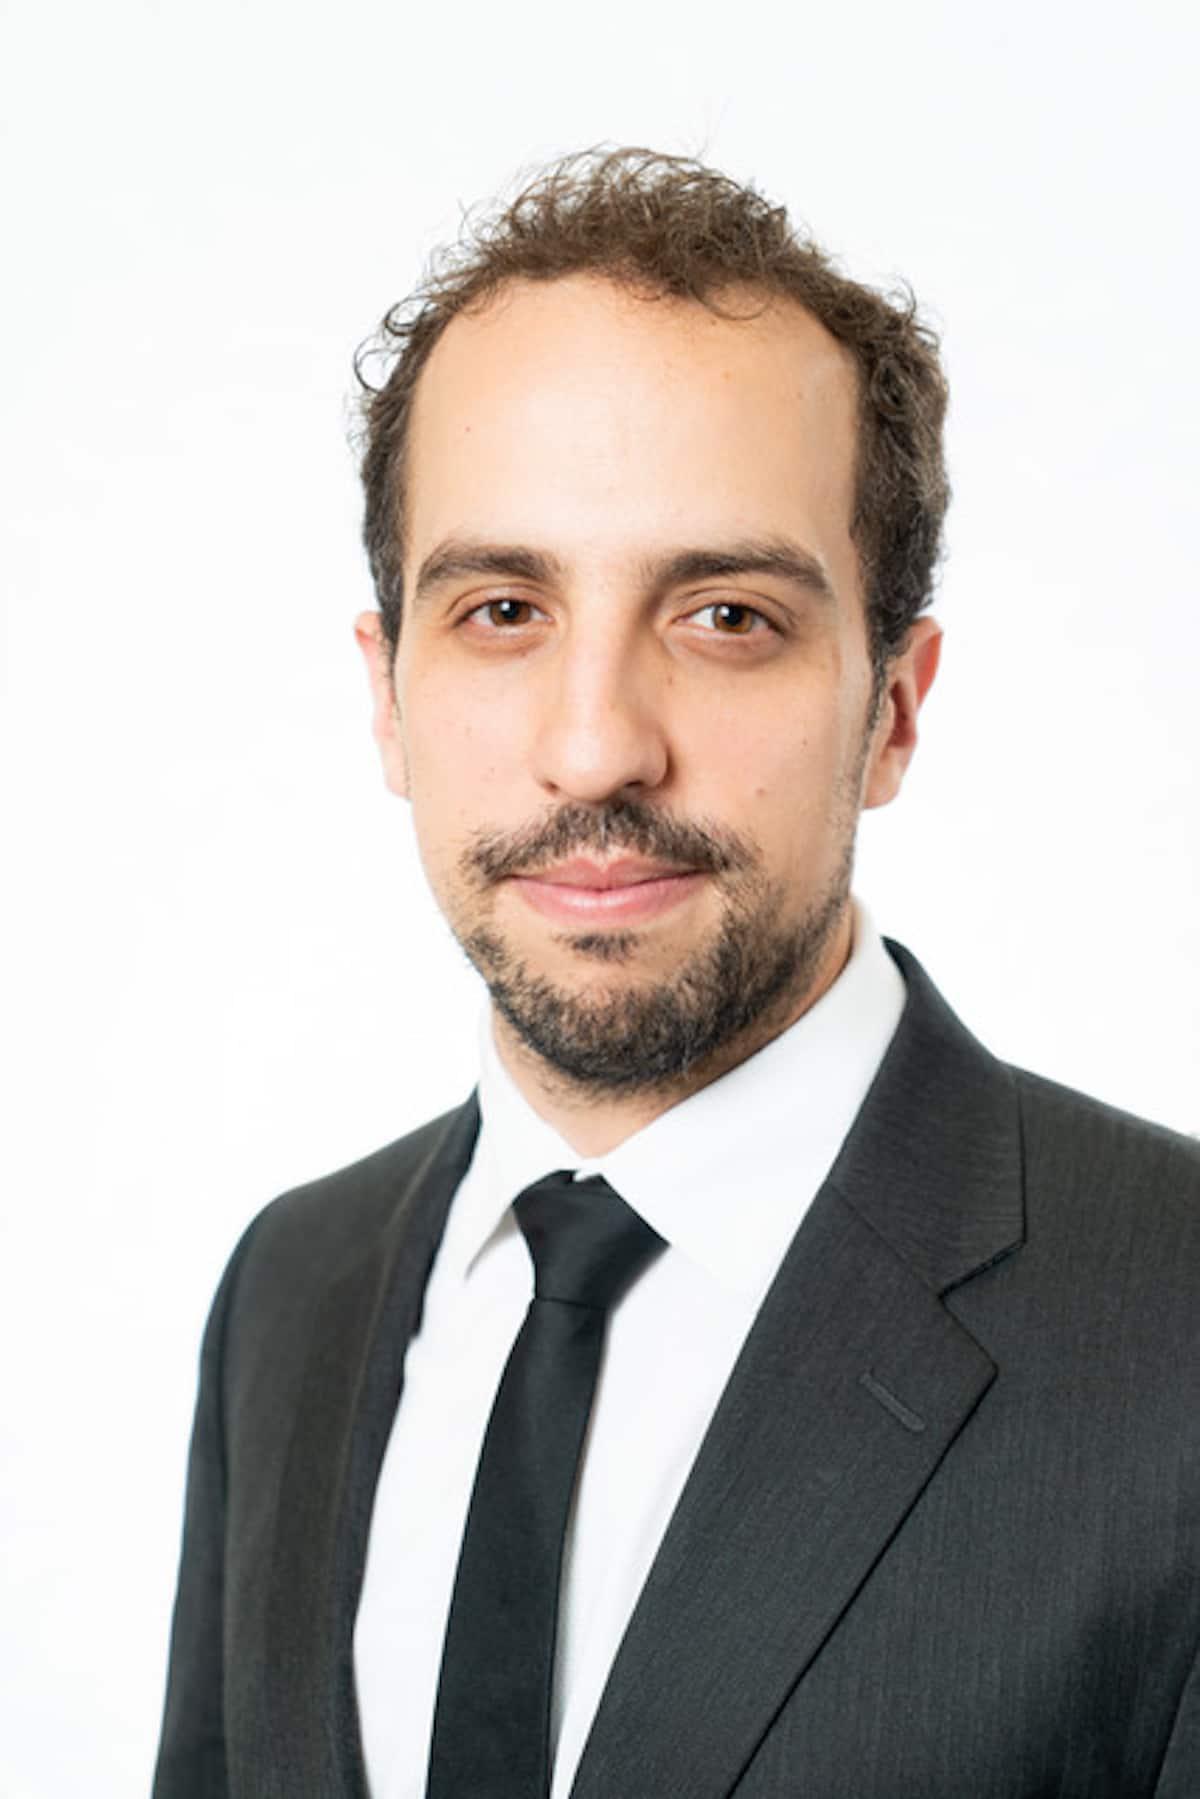 Com as inovações do setor bancário, como fica o mercado de câmbio? – Pedro Barreiro